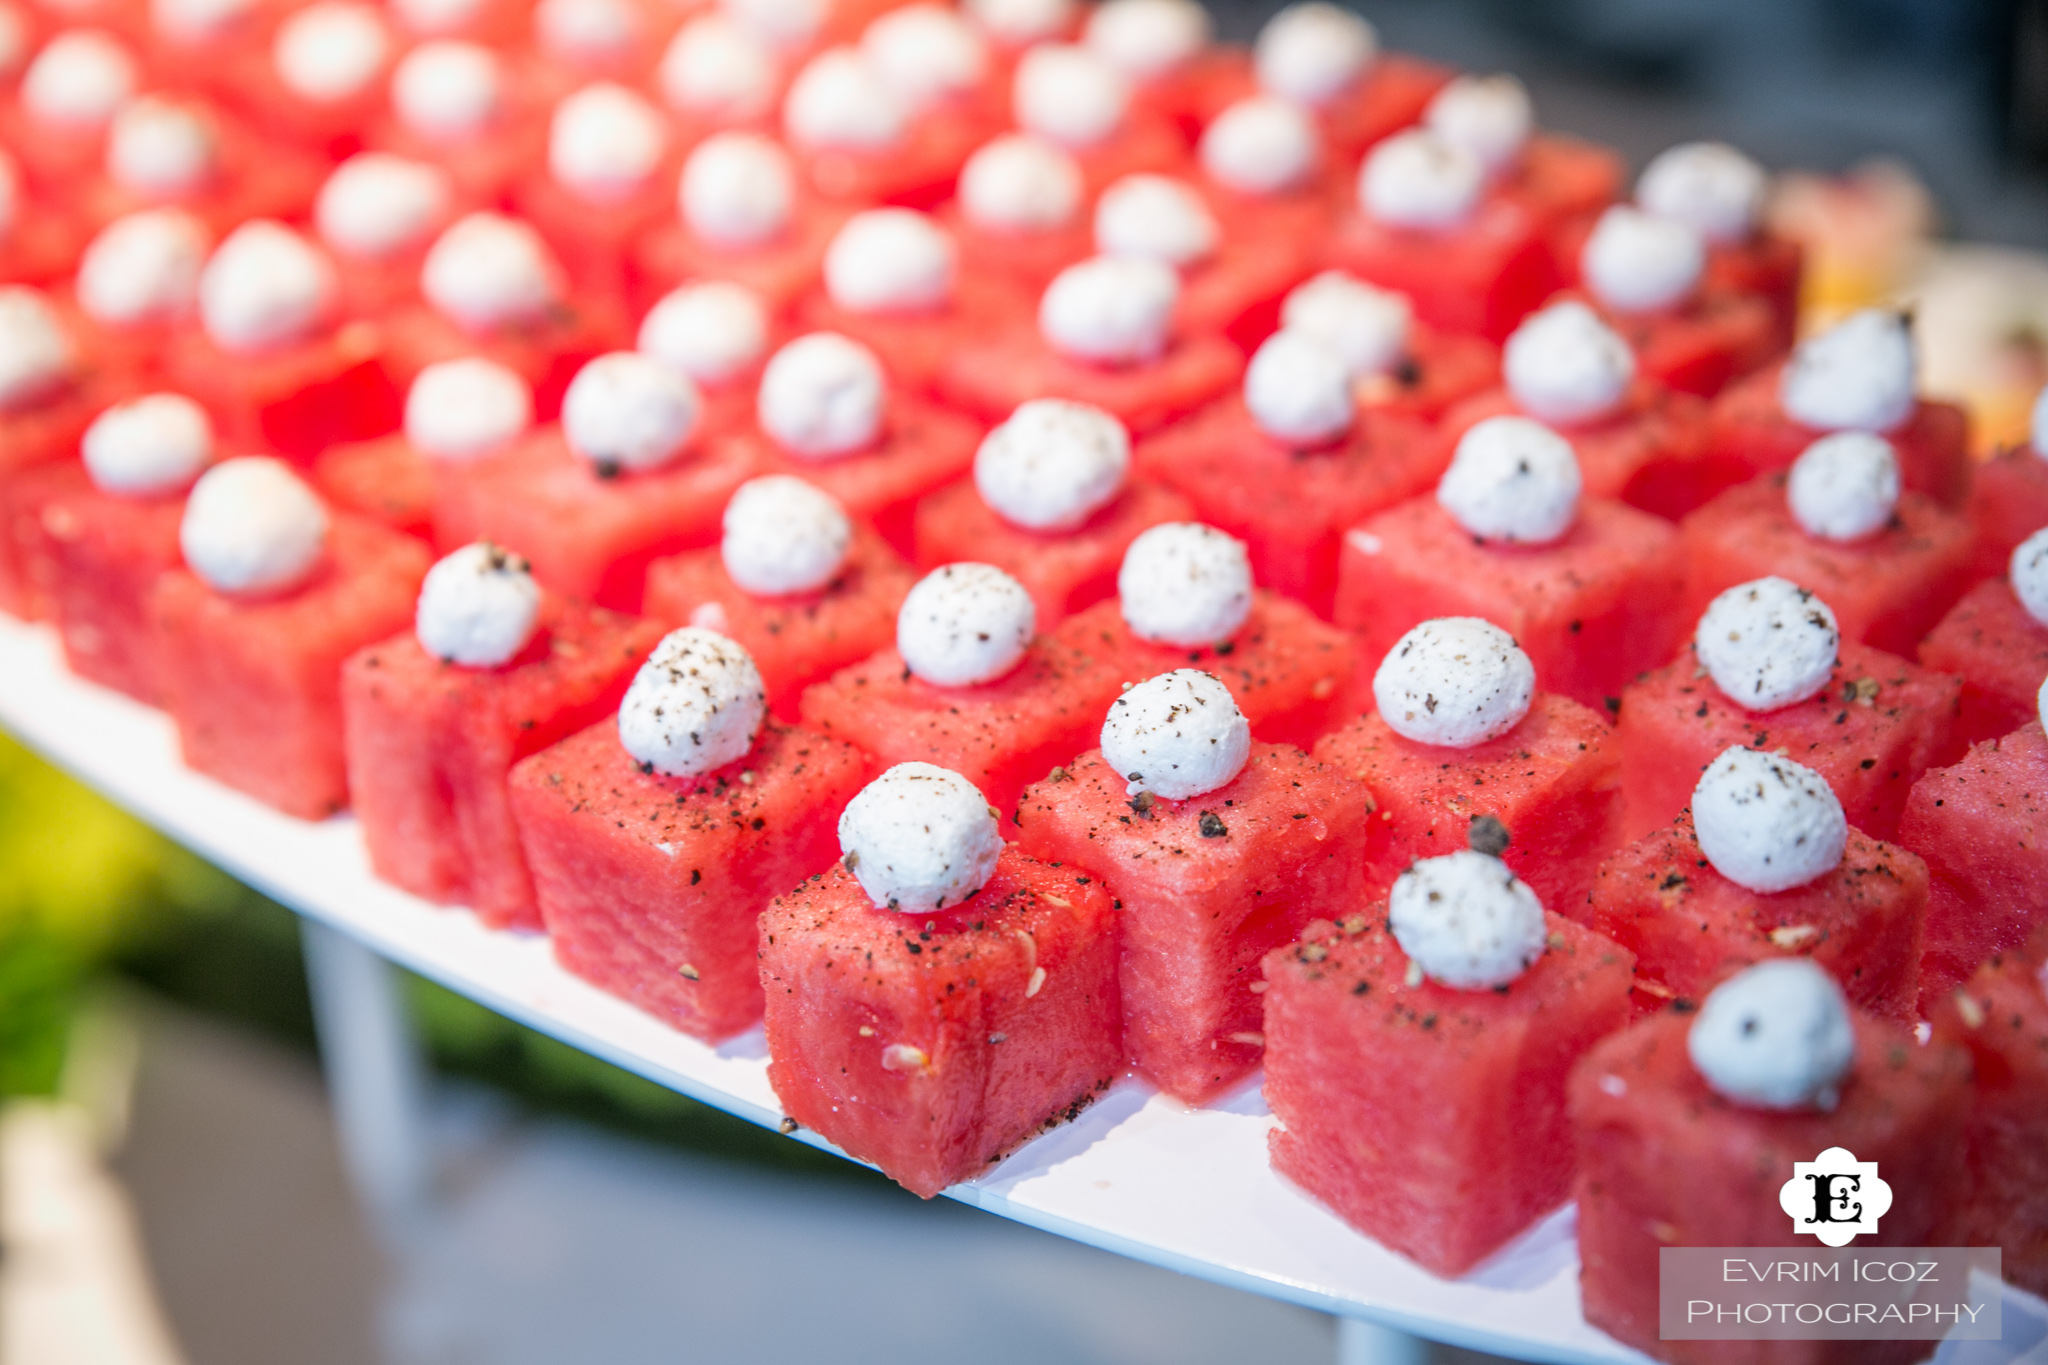 Food in Bloom. Exchange Ballroom Open House. Evrim Icoz Photography 5.jpg